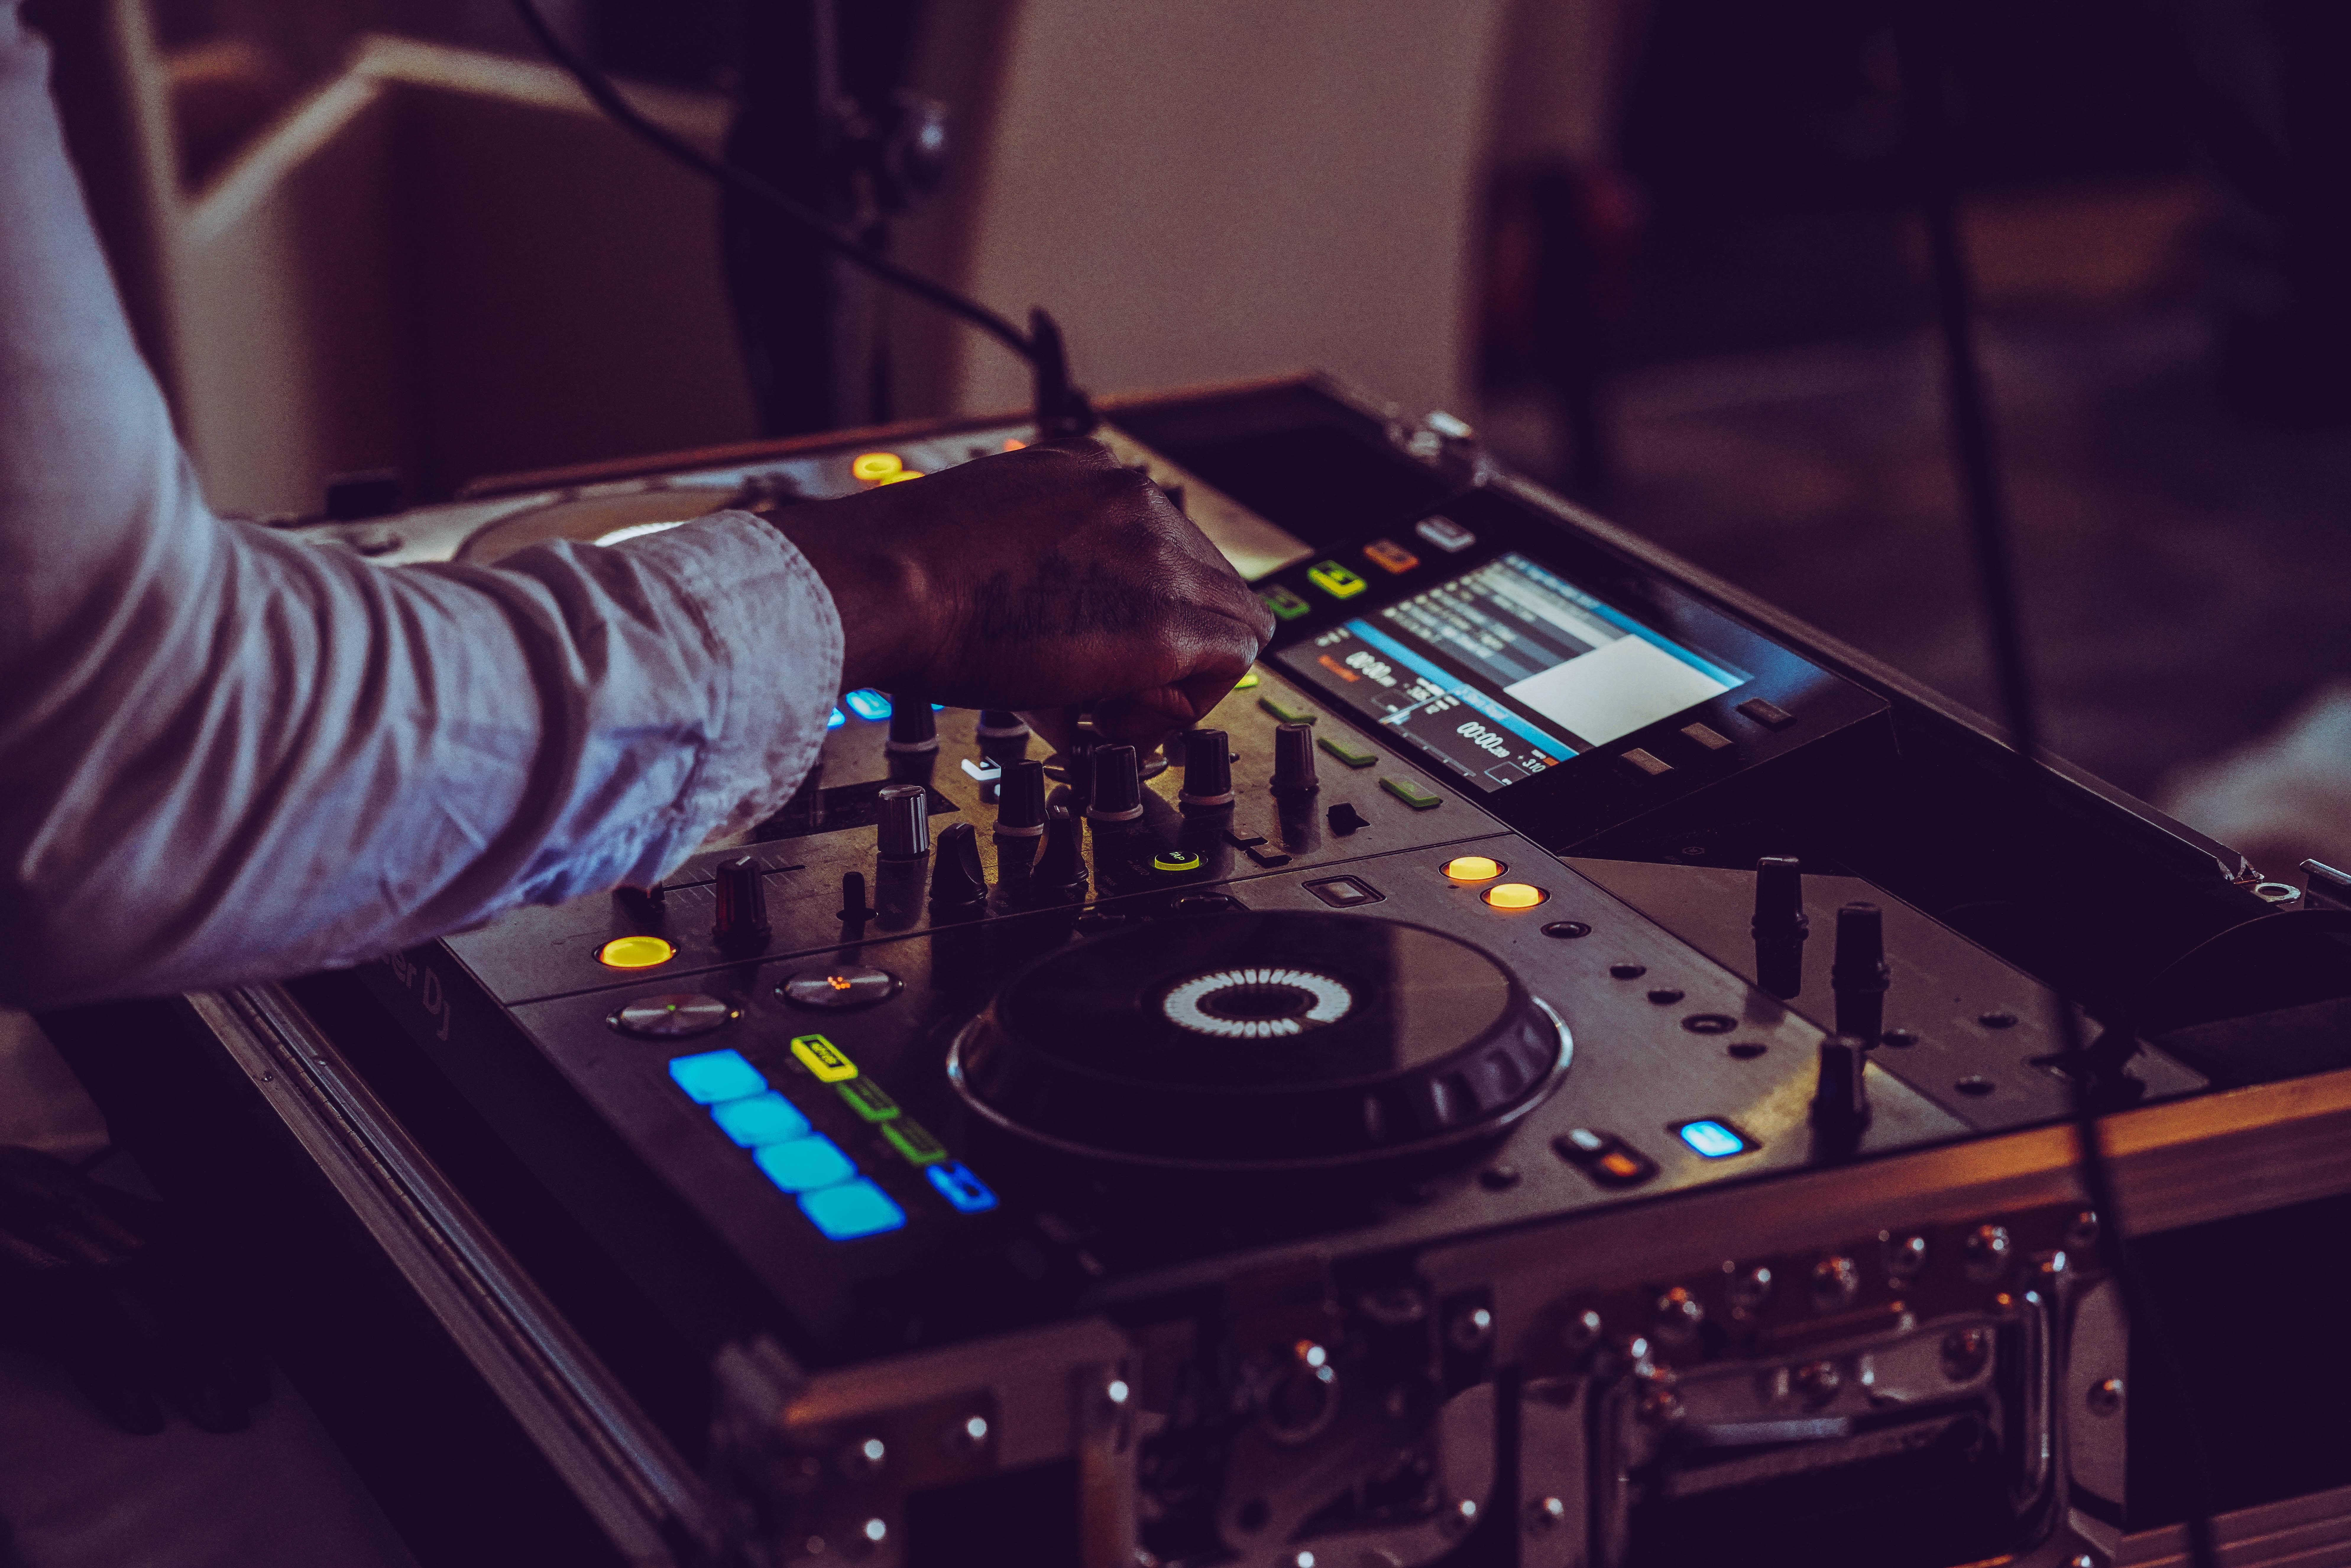 black and gray DJ turntable